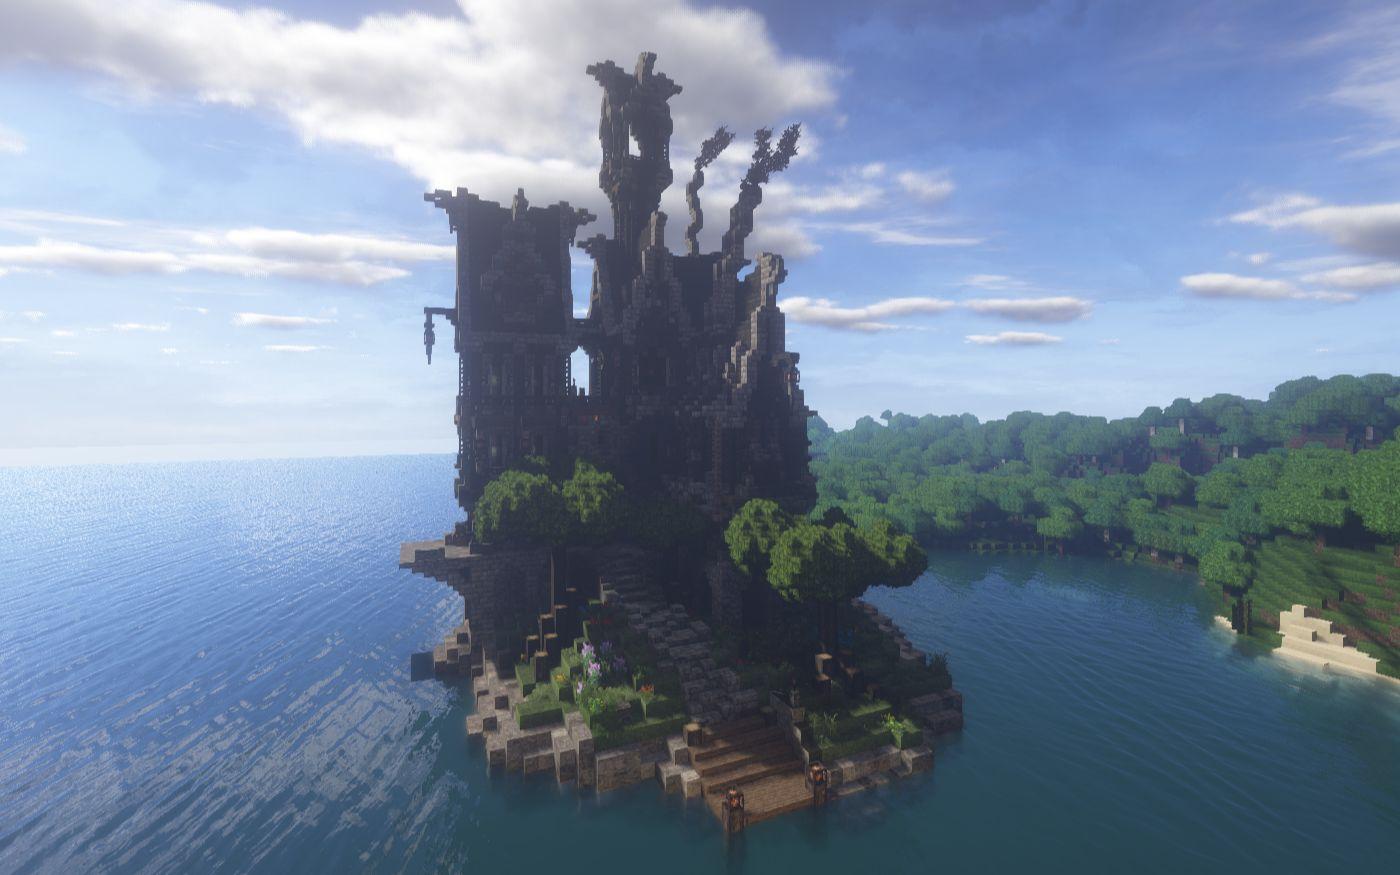 【Minecraft建筑】平 平 淡 淡 才 是 真